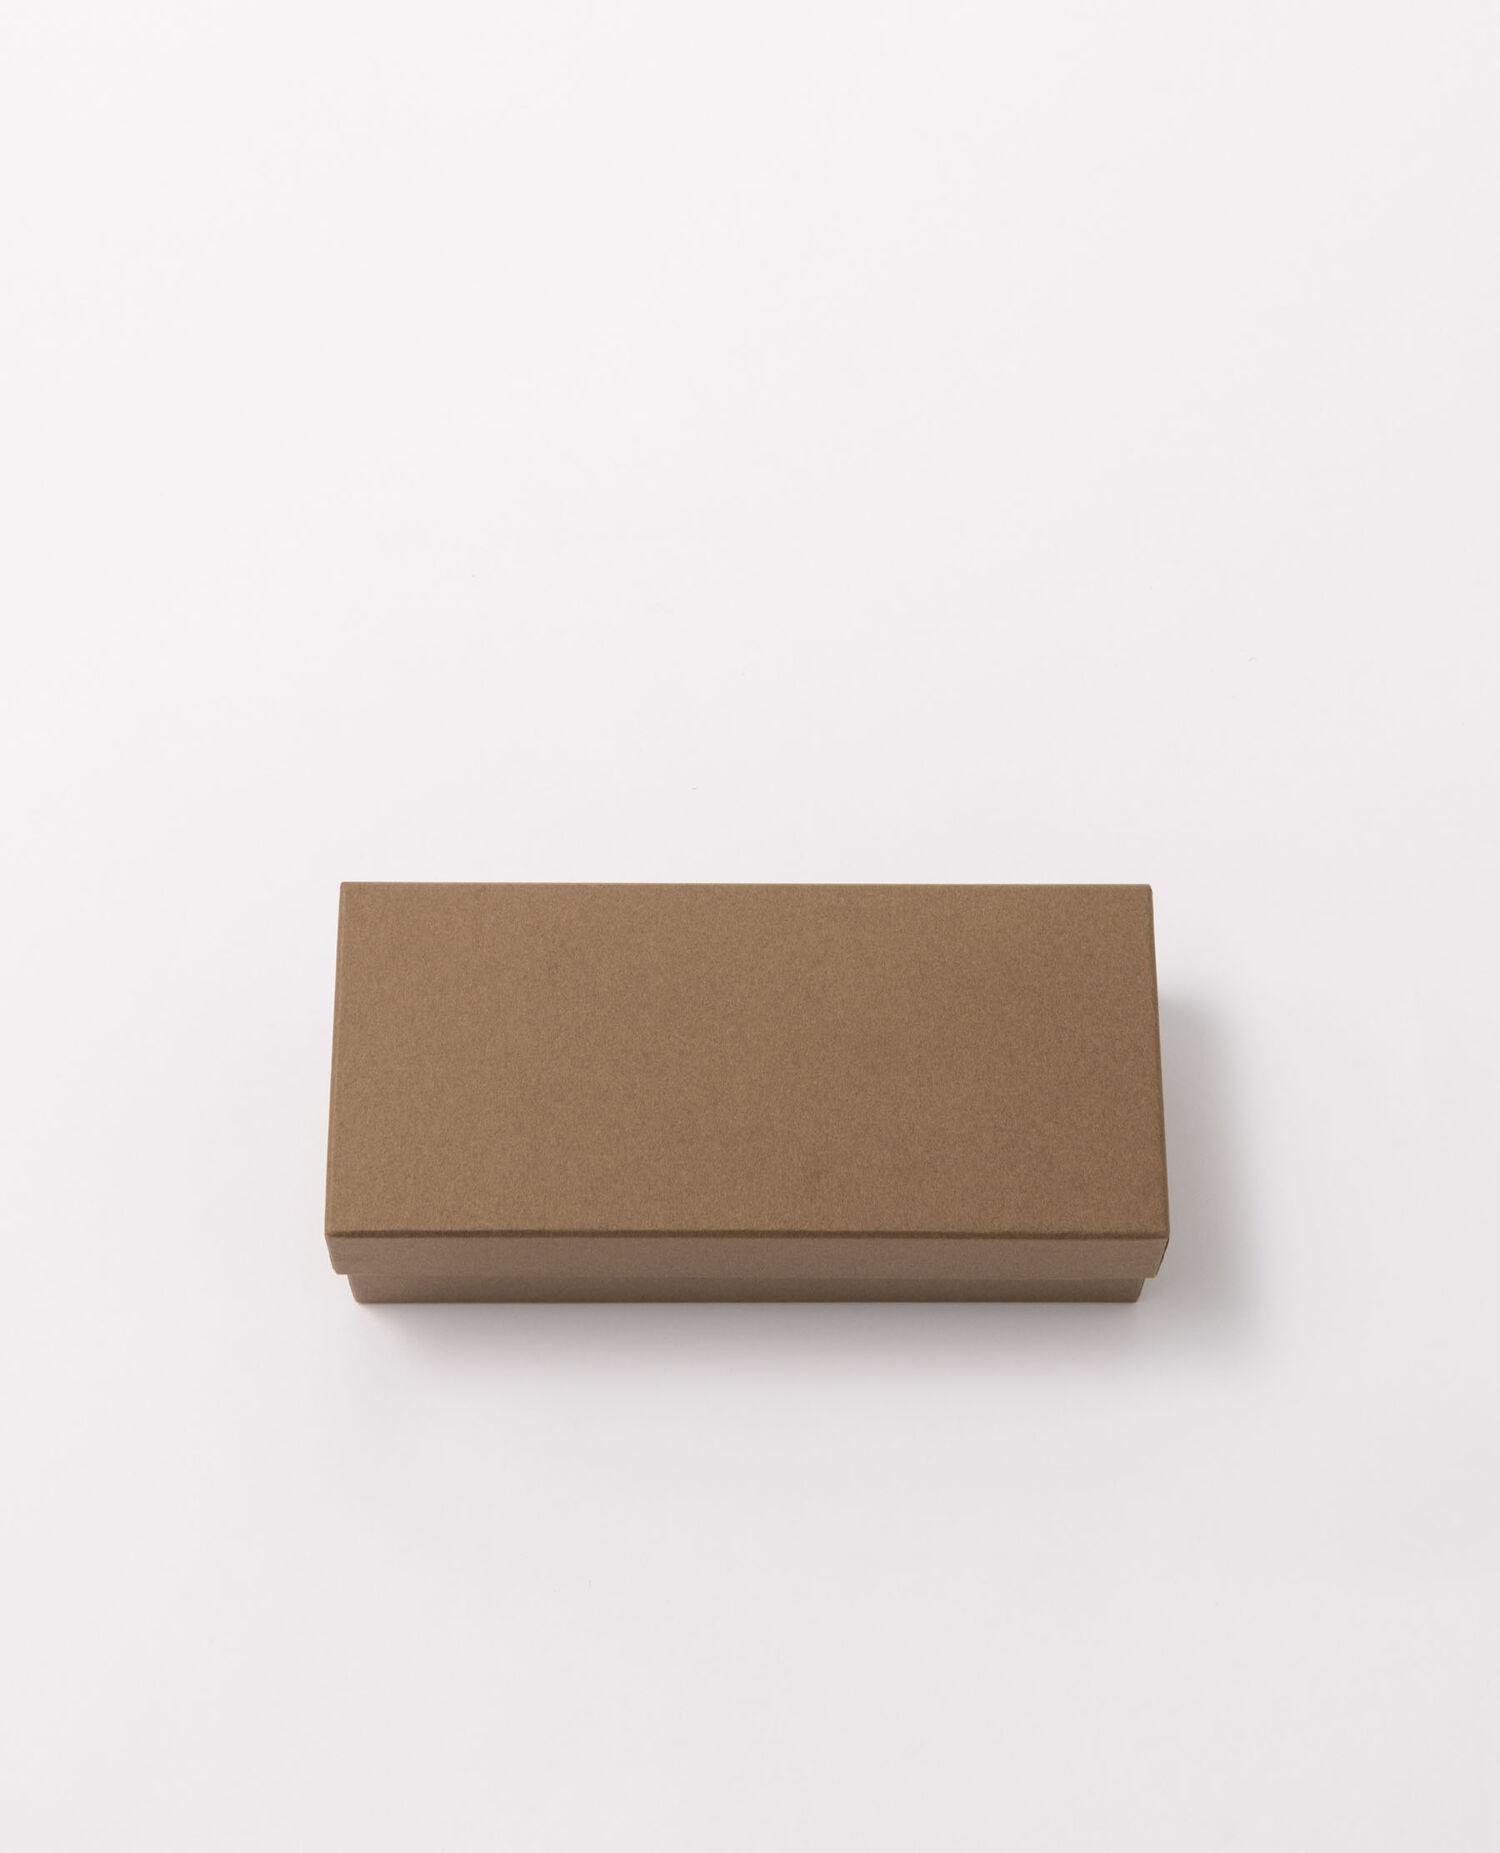 マヌカハニーUMF15+ ハニードロップレットセット